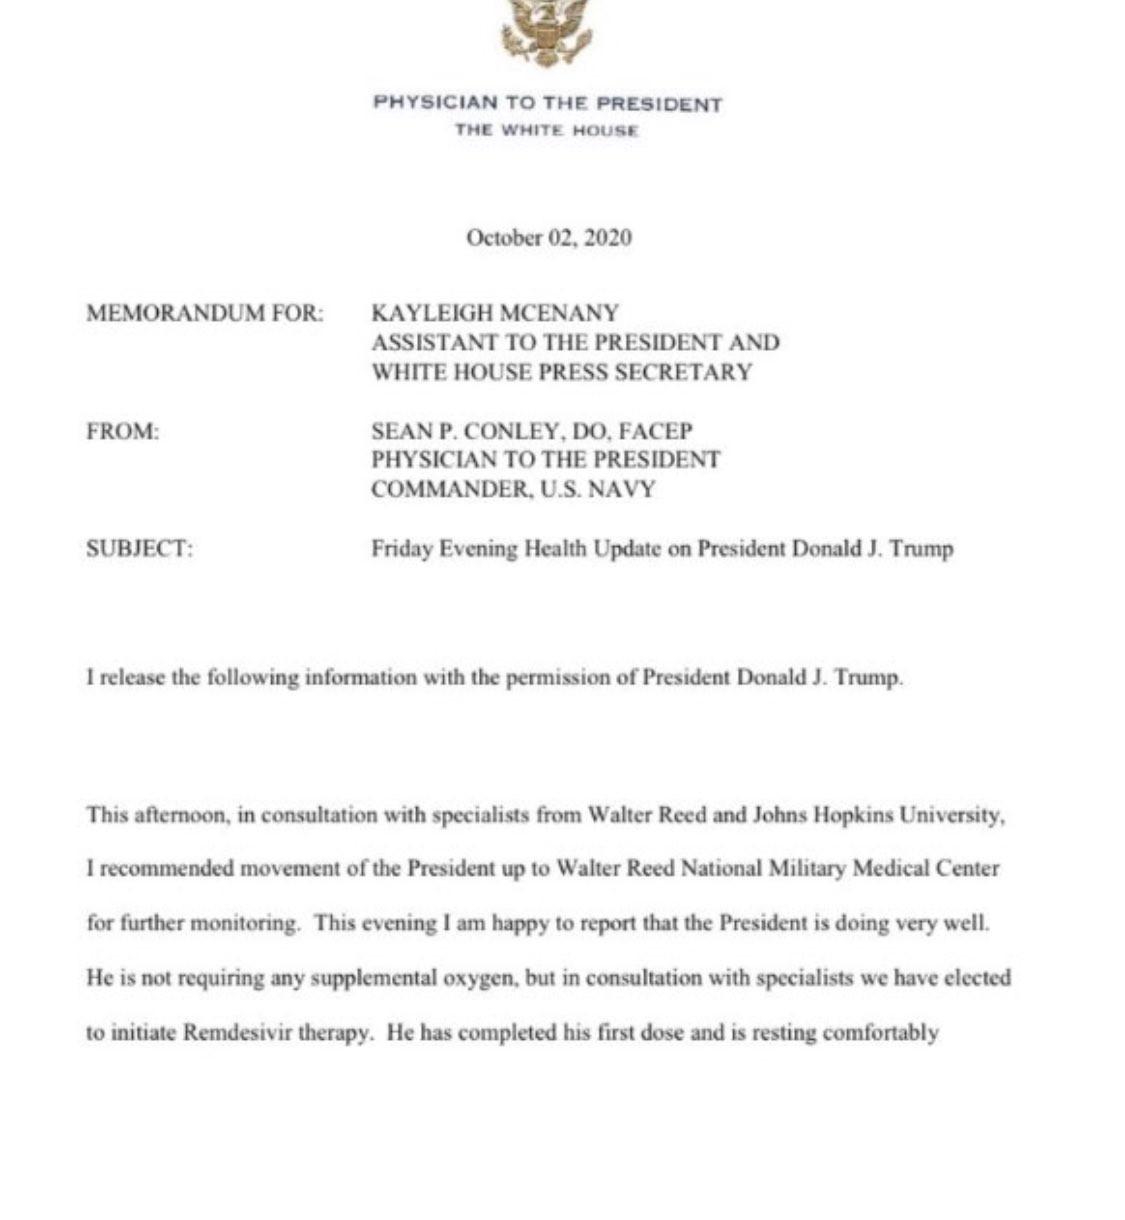 Parte médico de Donald Trump informa que no requiere oxígeno suplementario